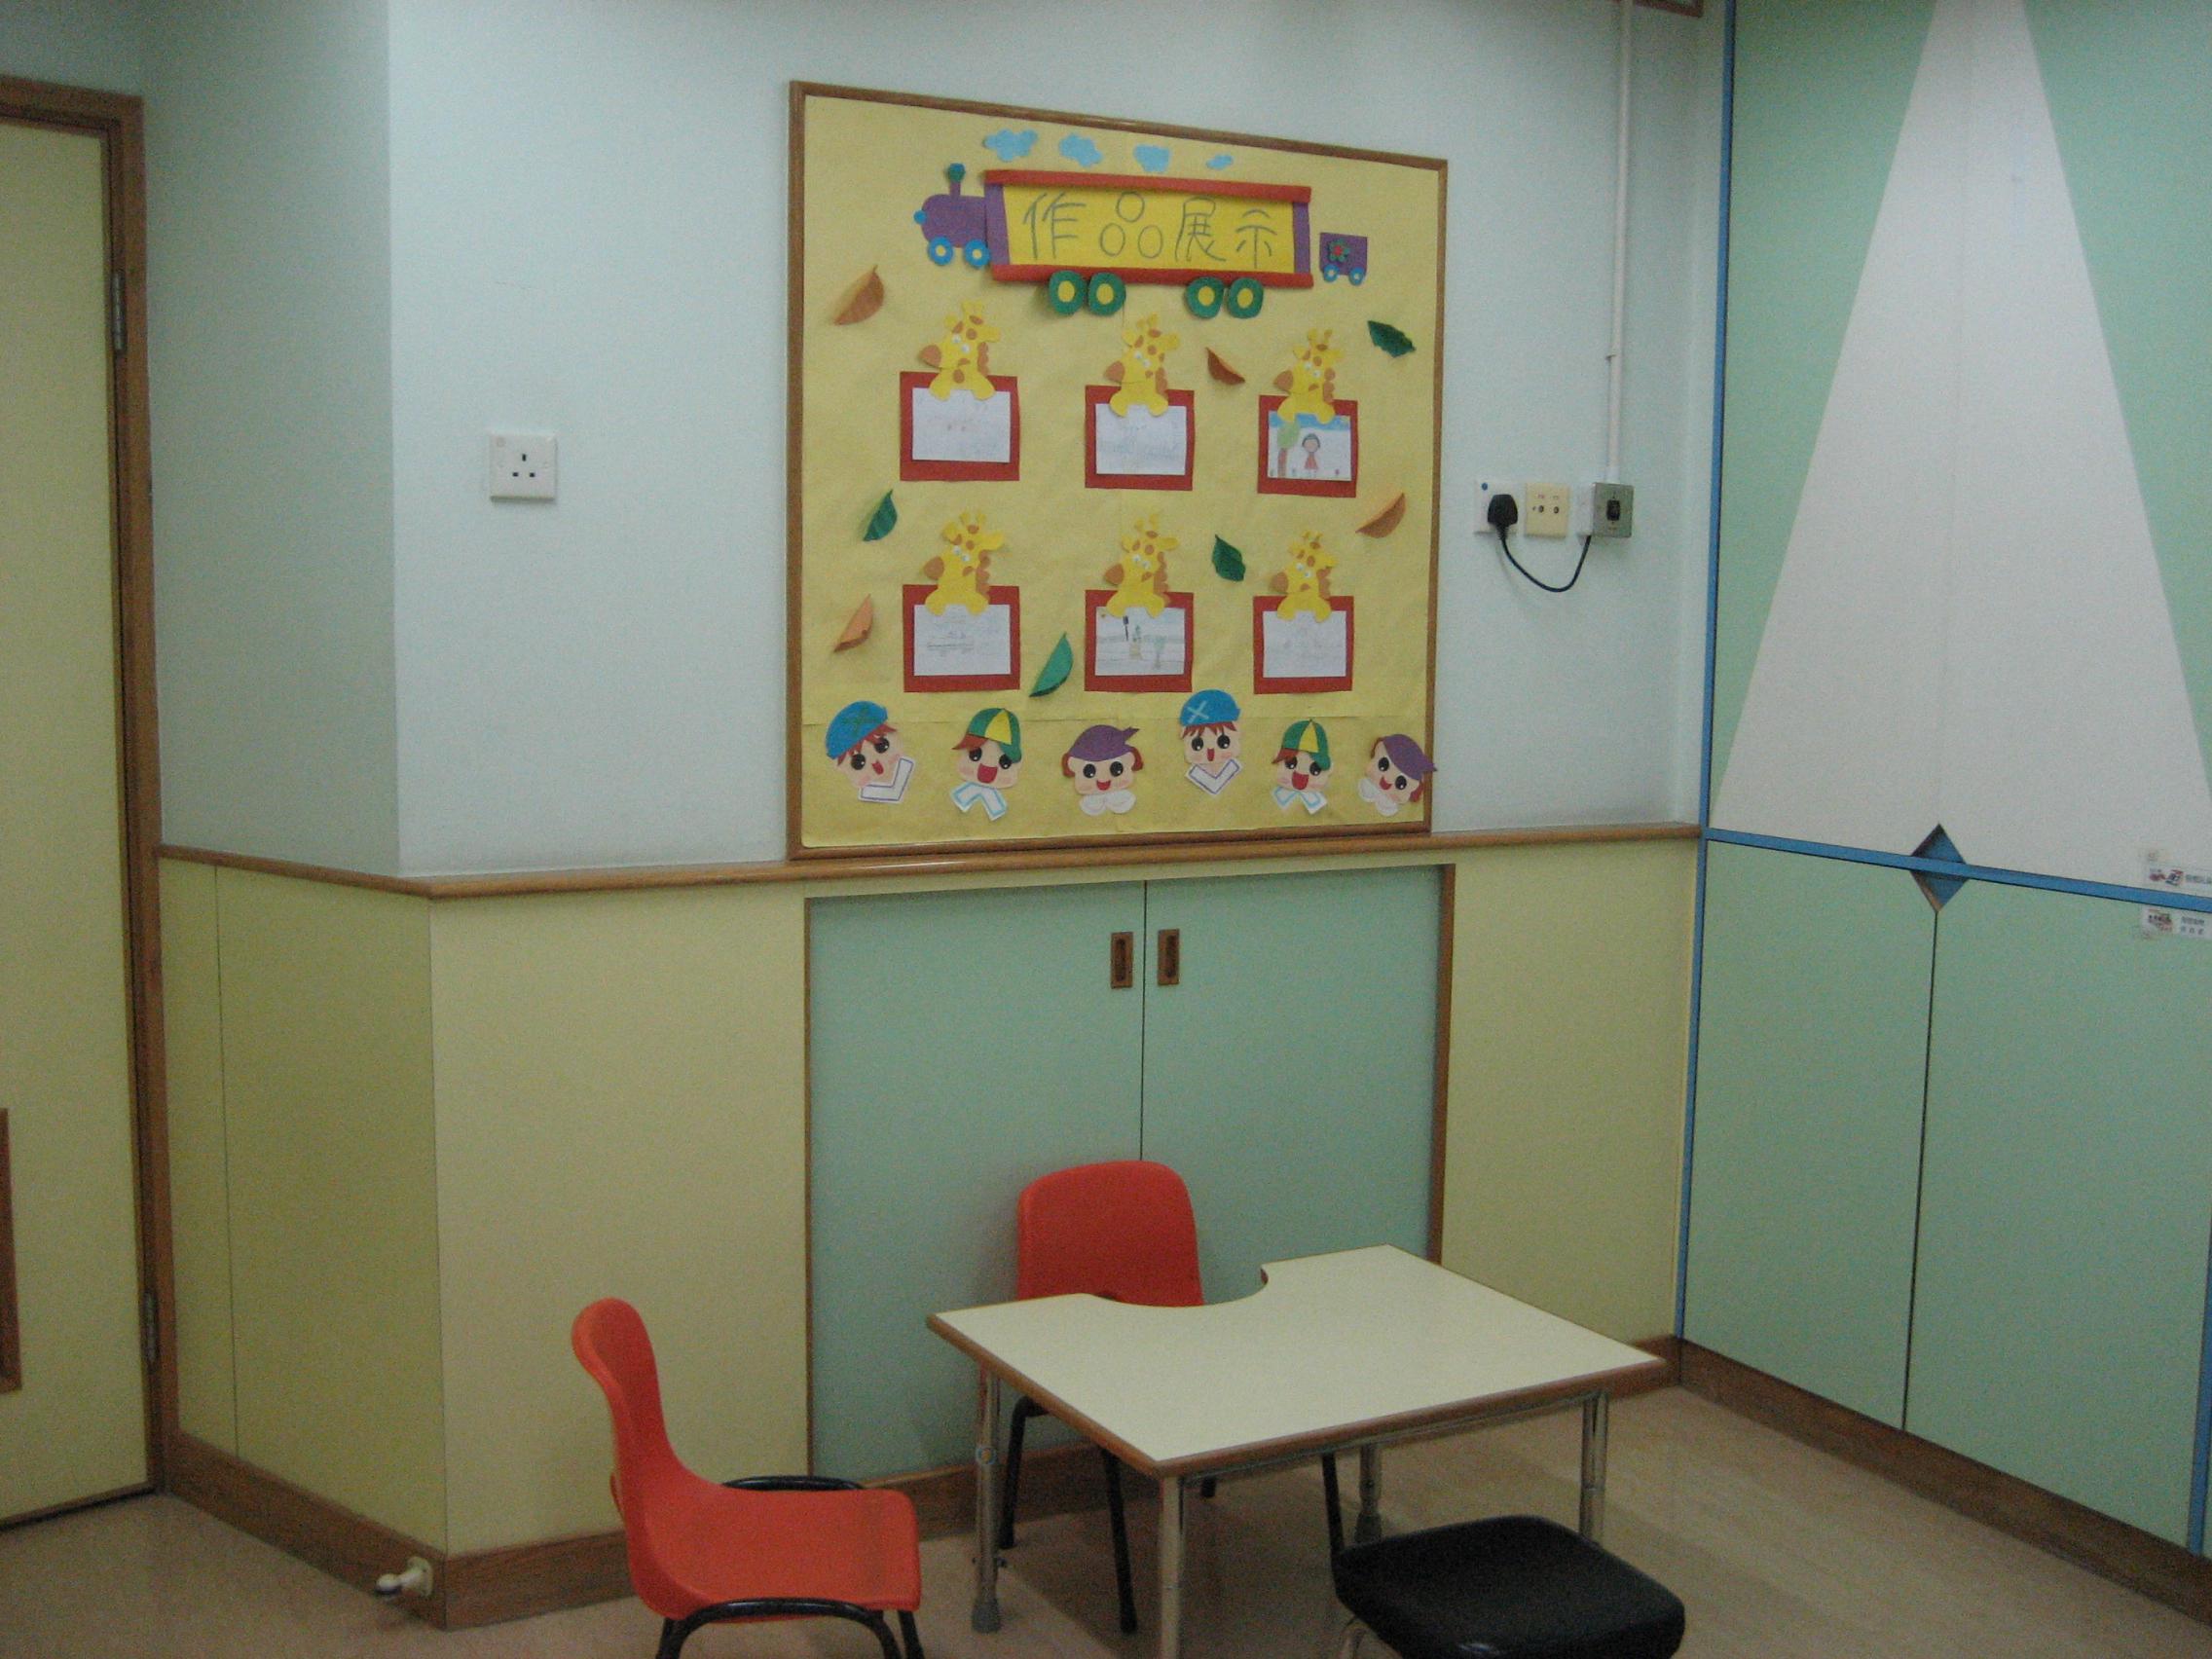 訓練室、小組室:中心內附設多間獨立課室、小組室(最多可容納10對親子),讓幼兒有足夠的空間進行各式訓練遊戲/活動。